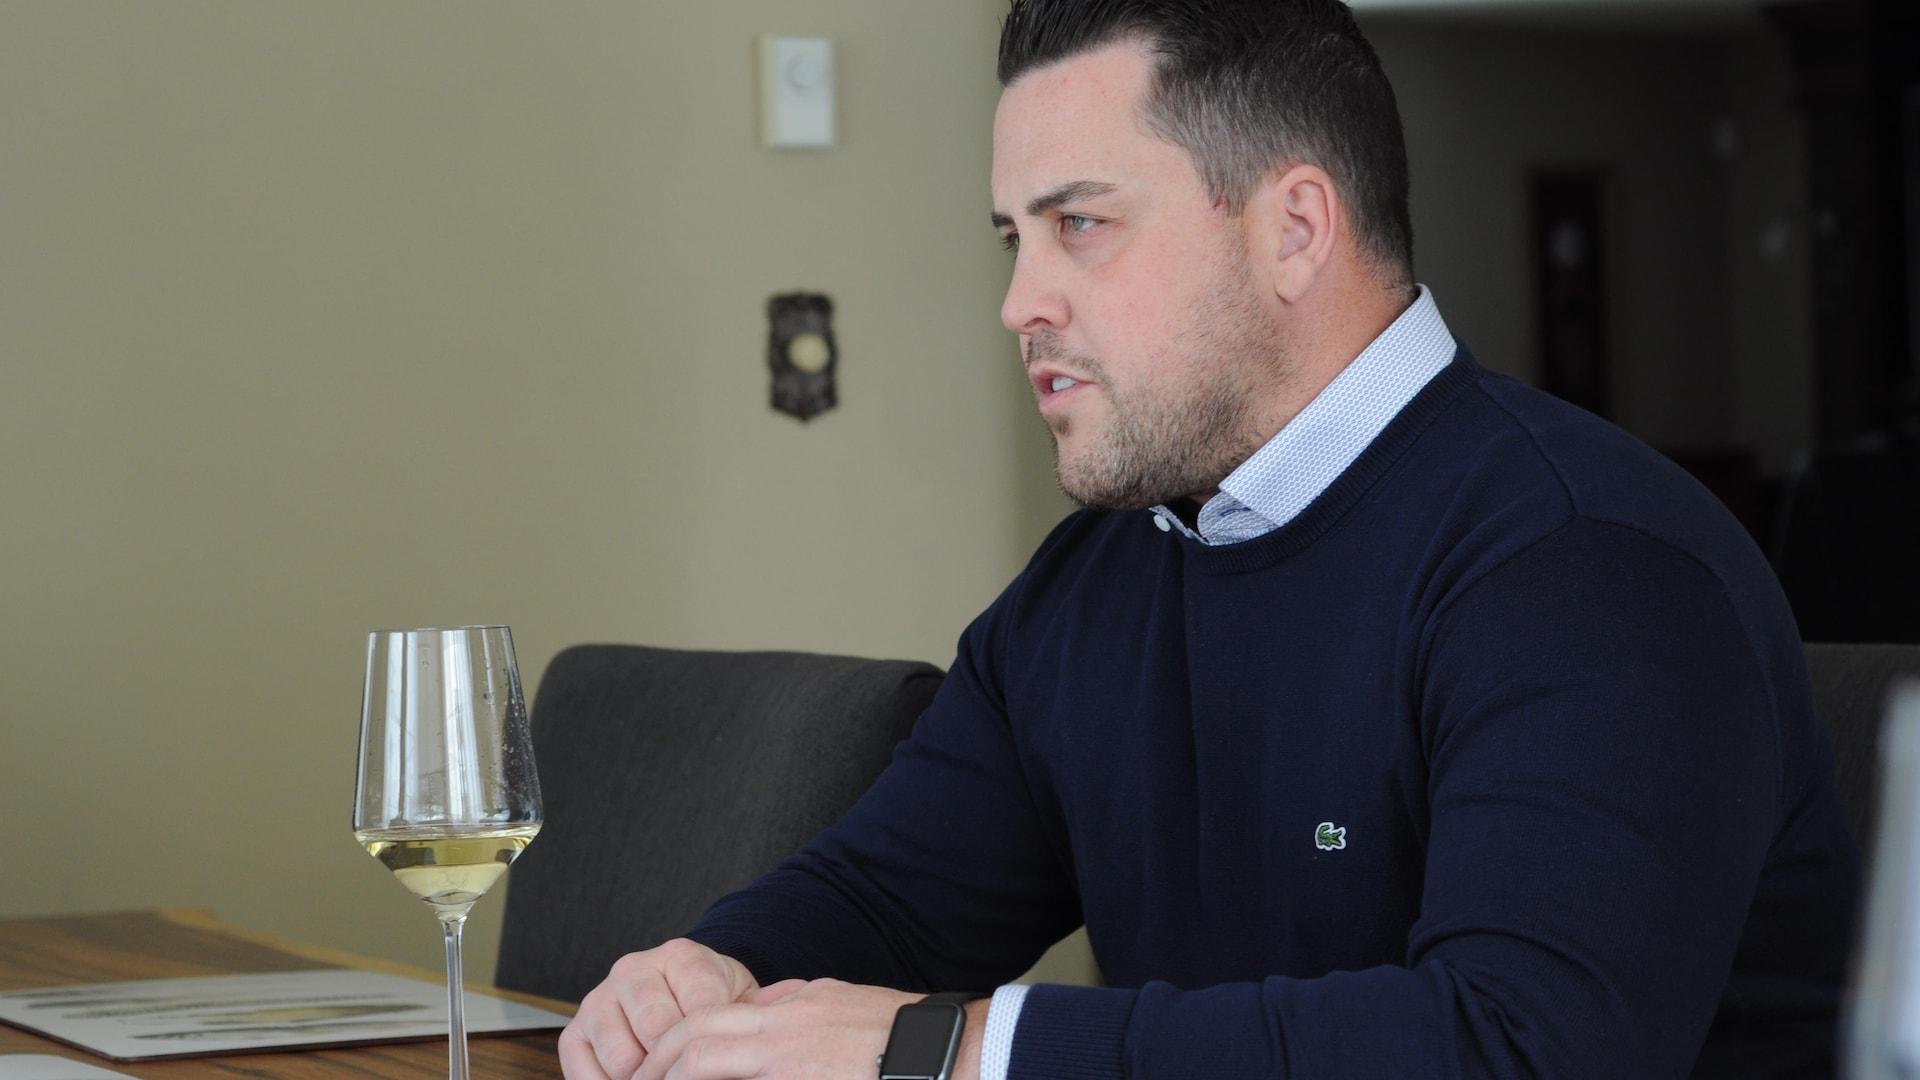 Benoît Lefebvre assis à une table de cuisine avec un verre de vin.